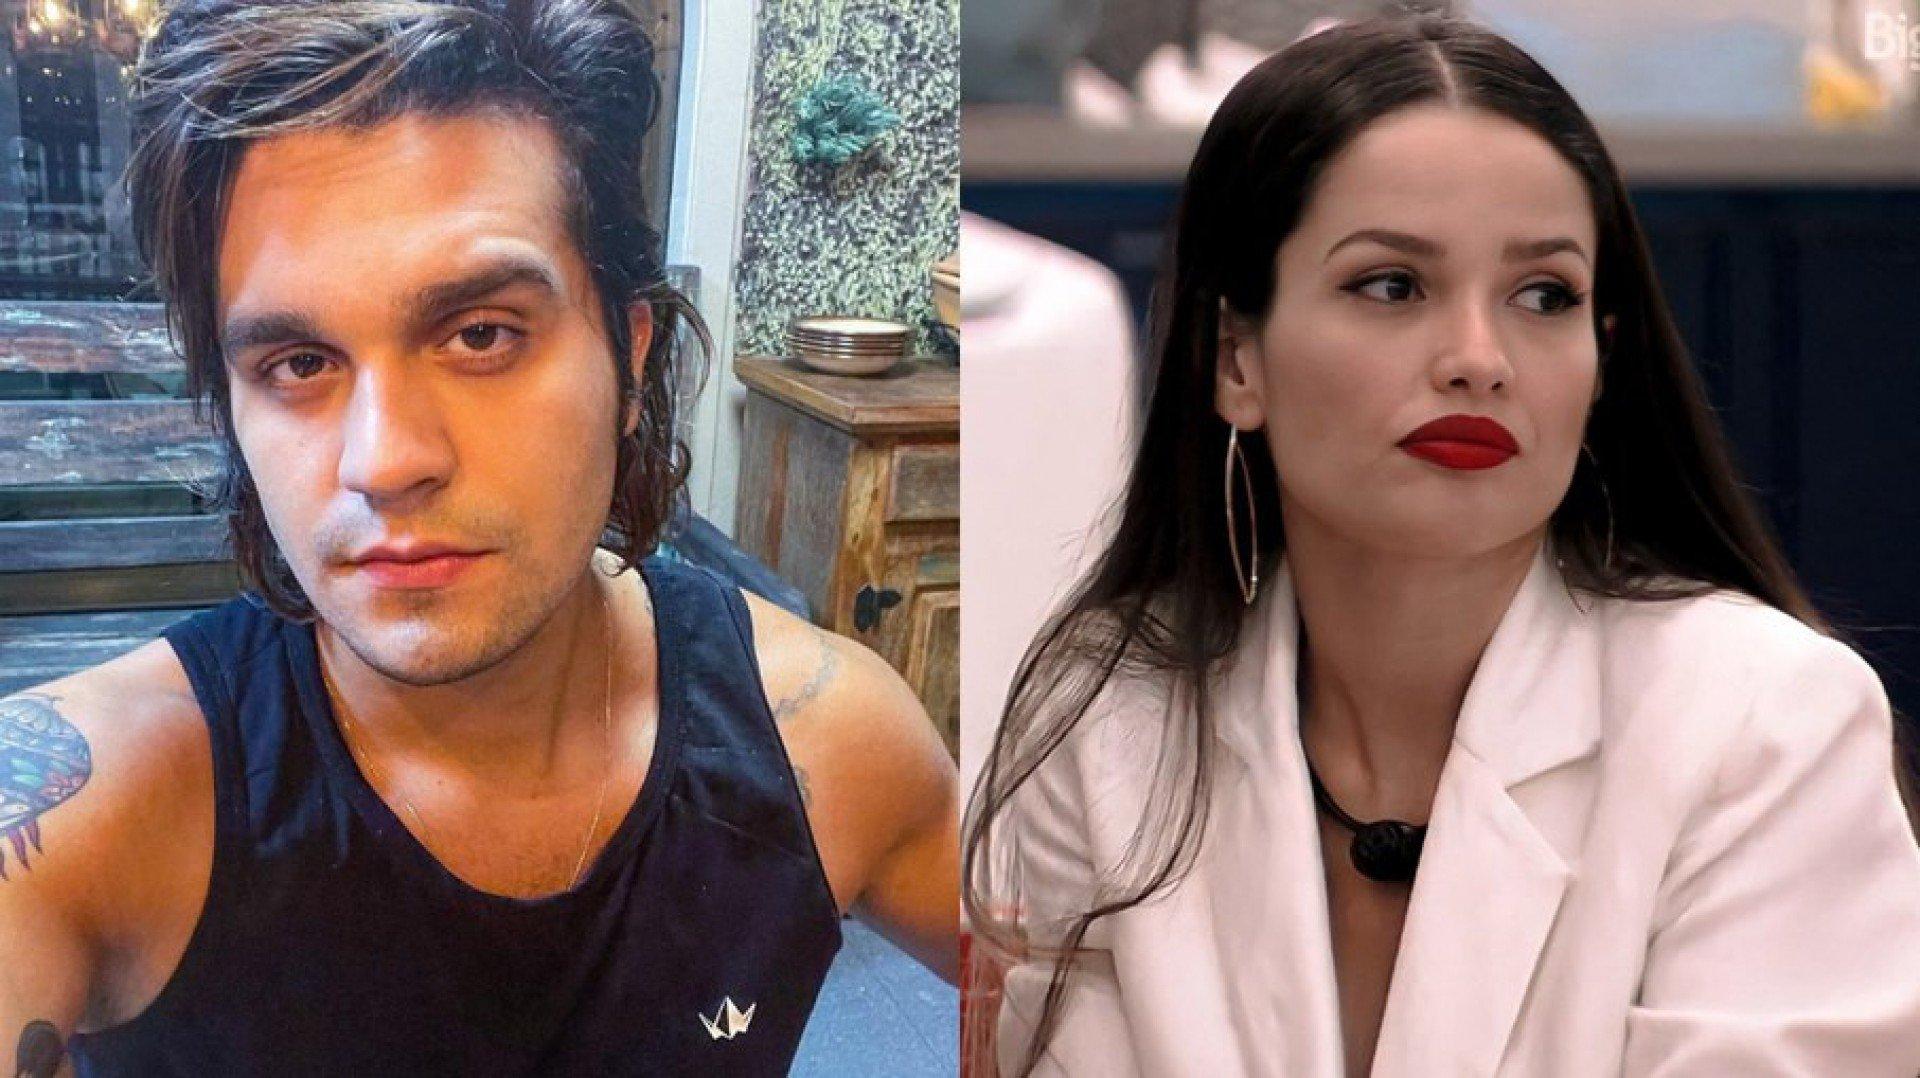 Quem shippa? Juliette revela que quer namorar Luan Santana e o sertanejo se pronuncia | BBB | O DIA